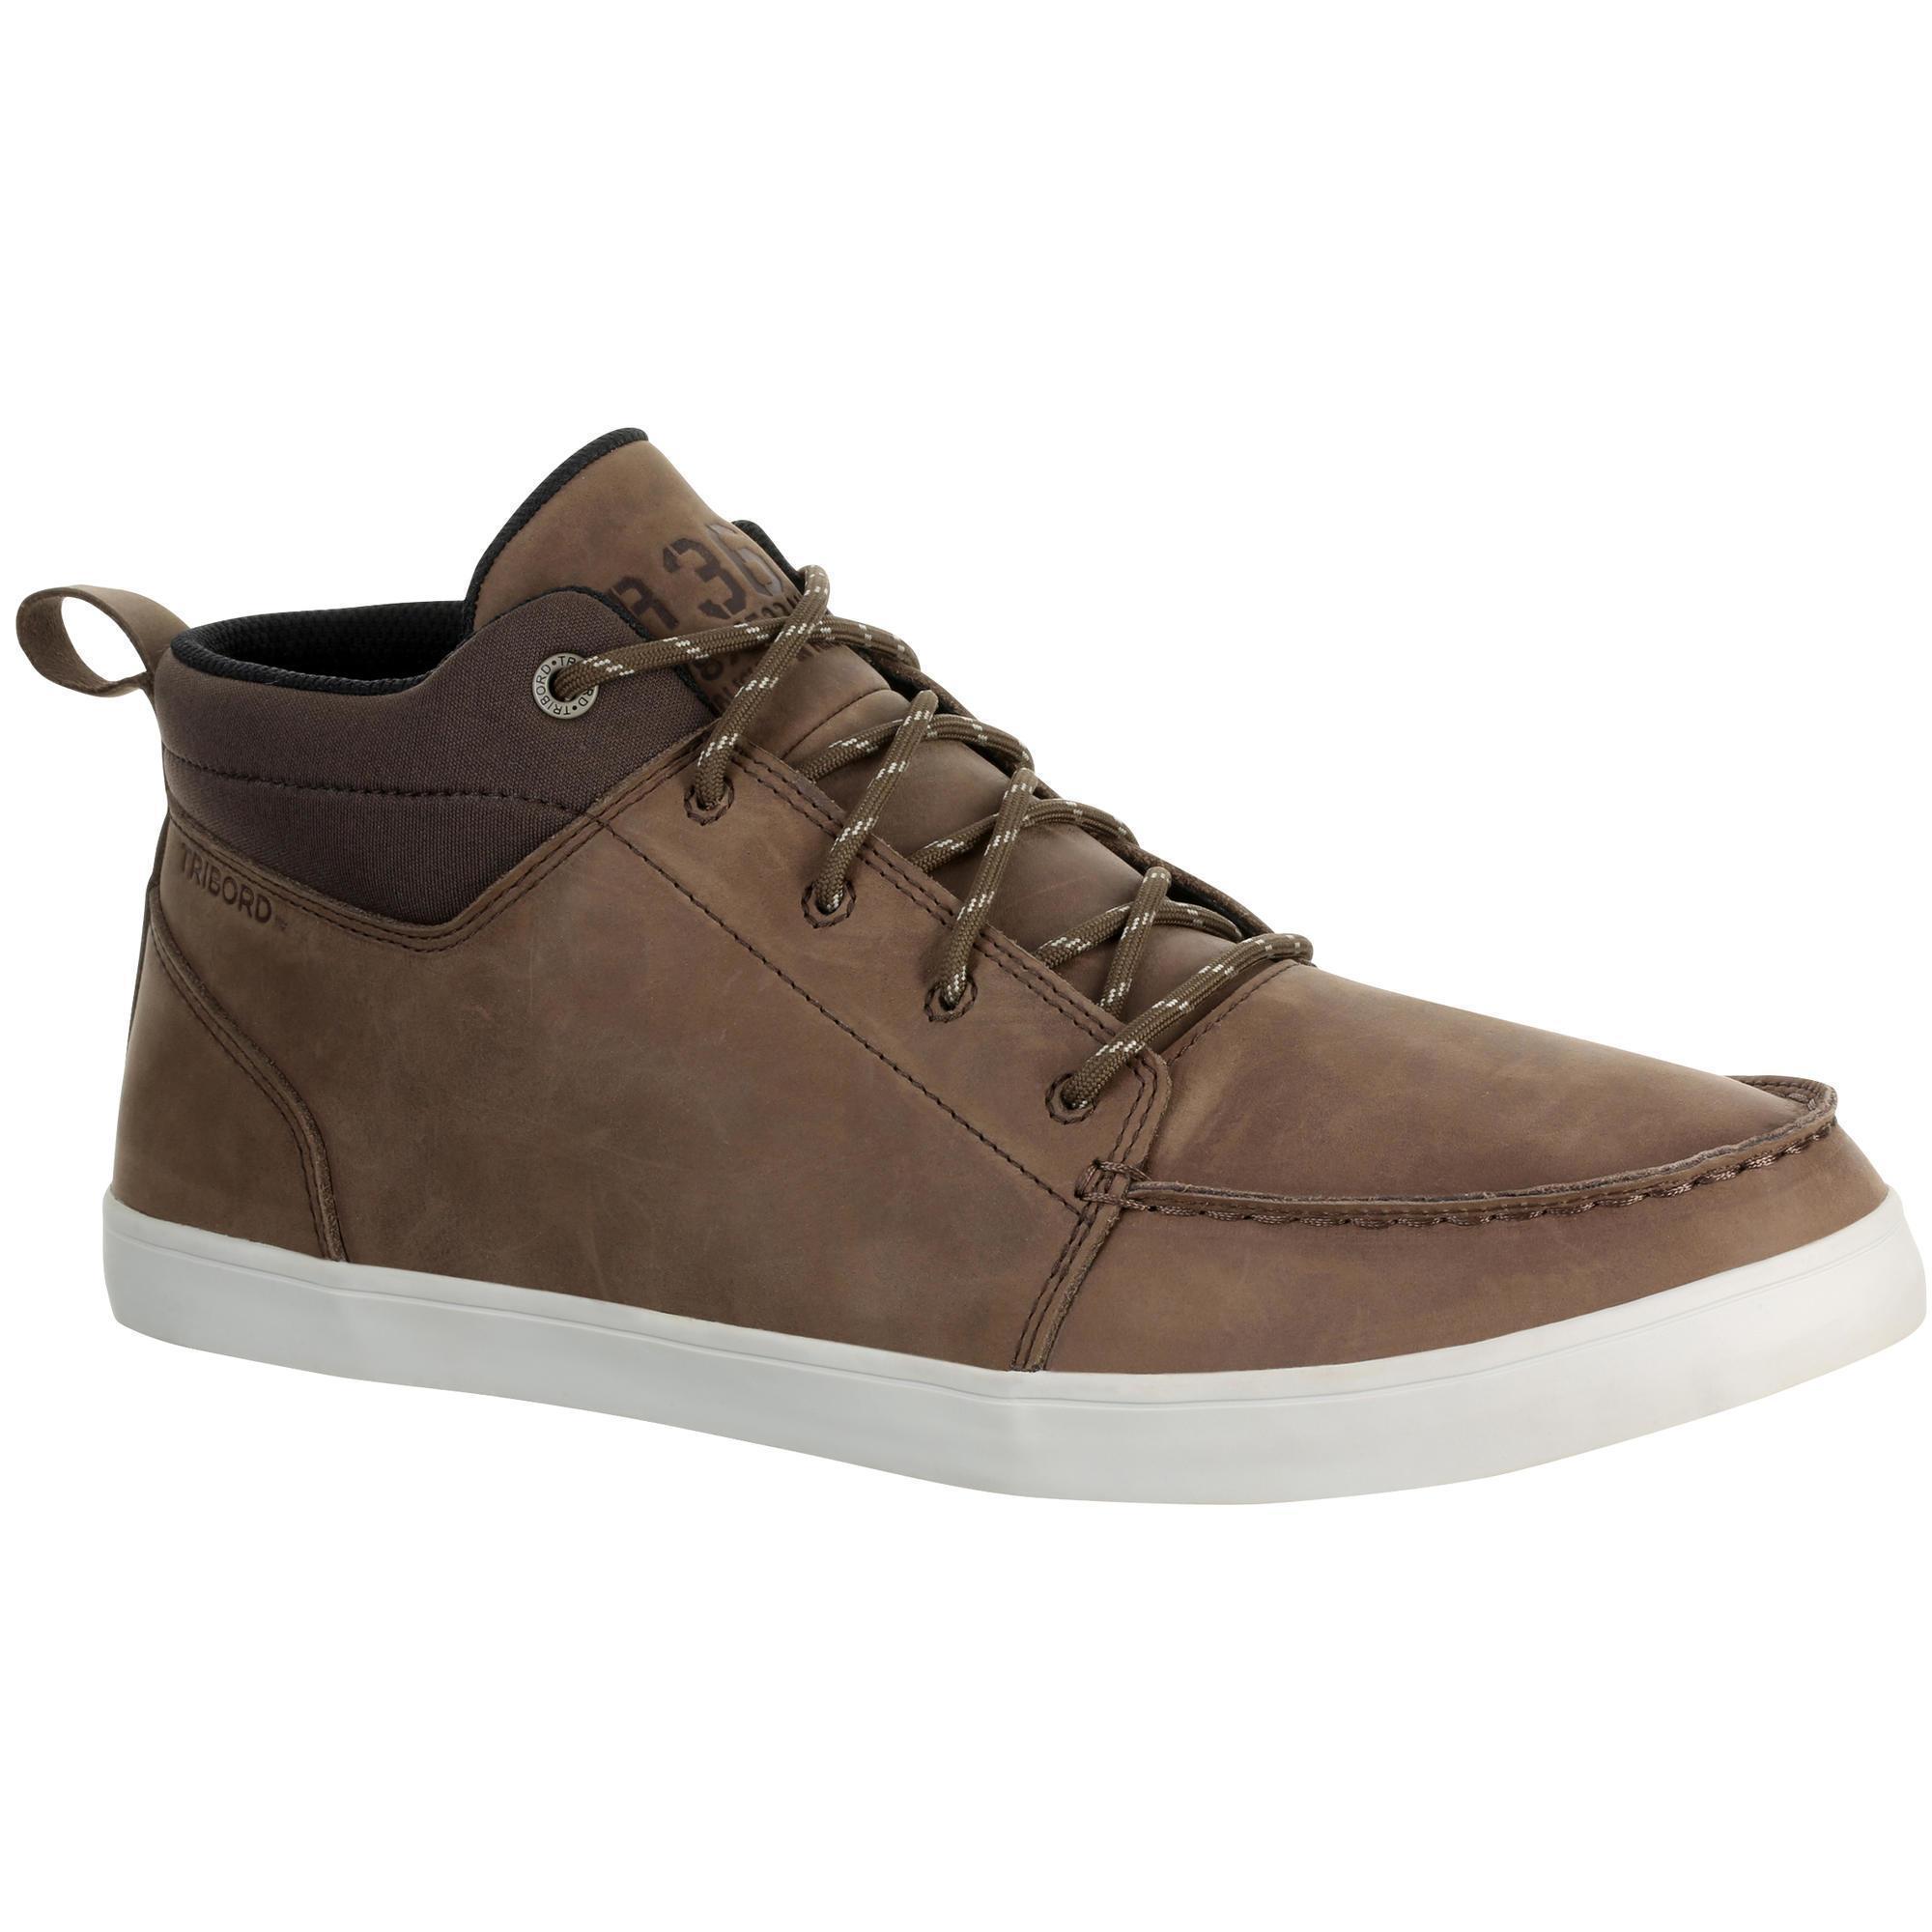 49db3eeacf4c6d chaussures_bateau_cuir_homme_kostalde_rain_marron_tribordvoile_8370051_965733.jpg